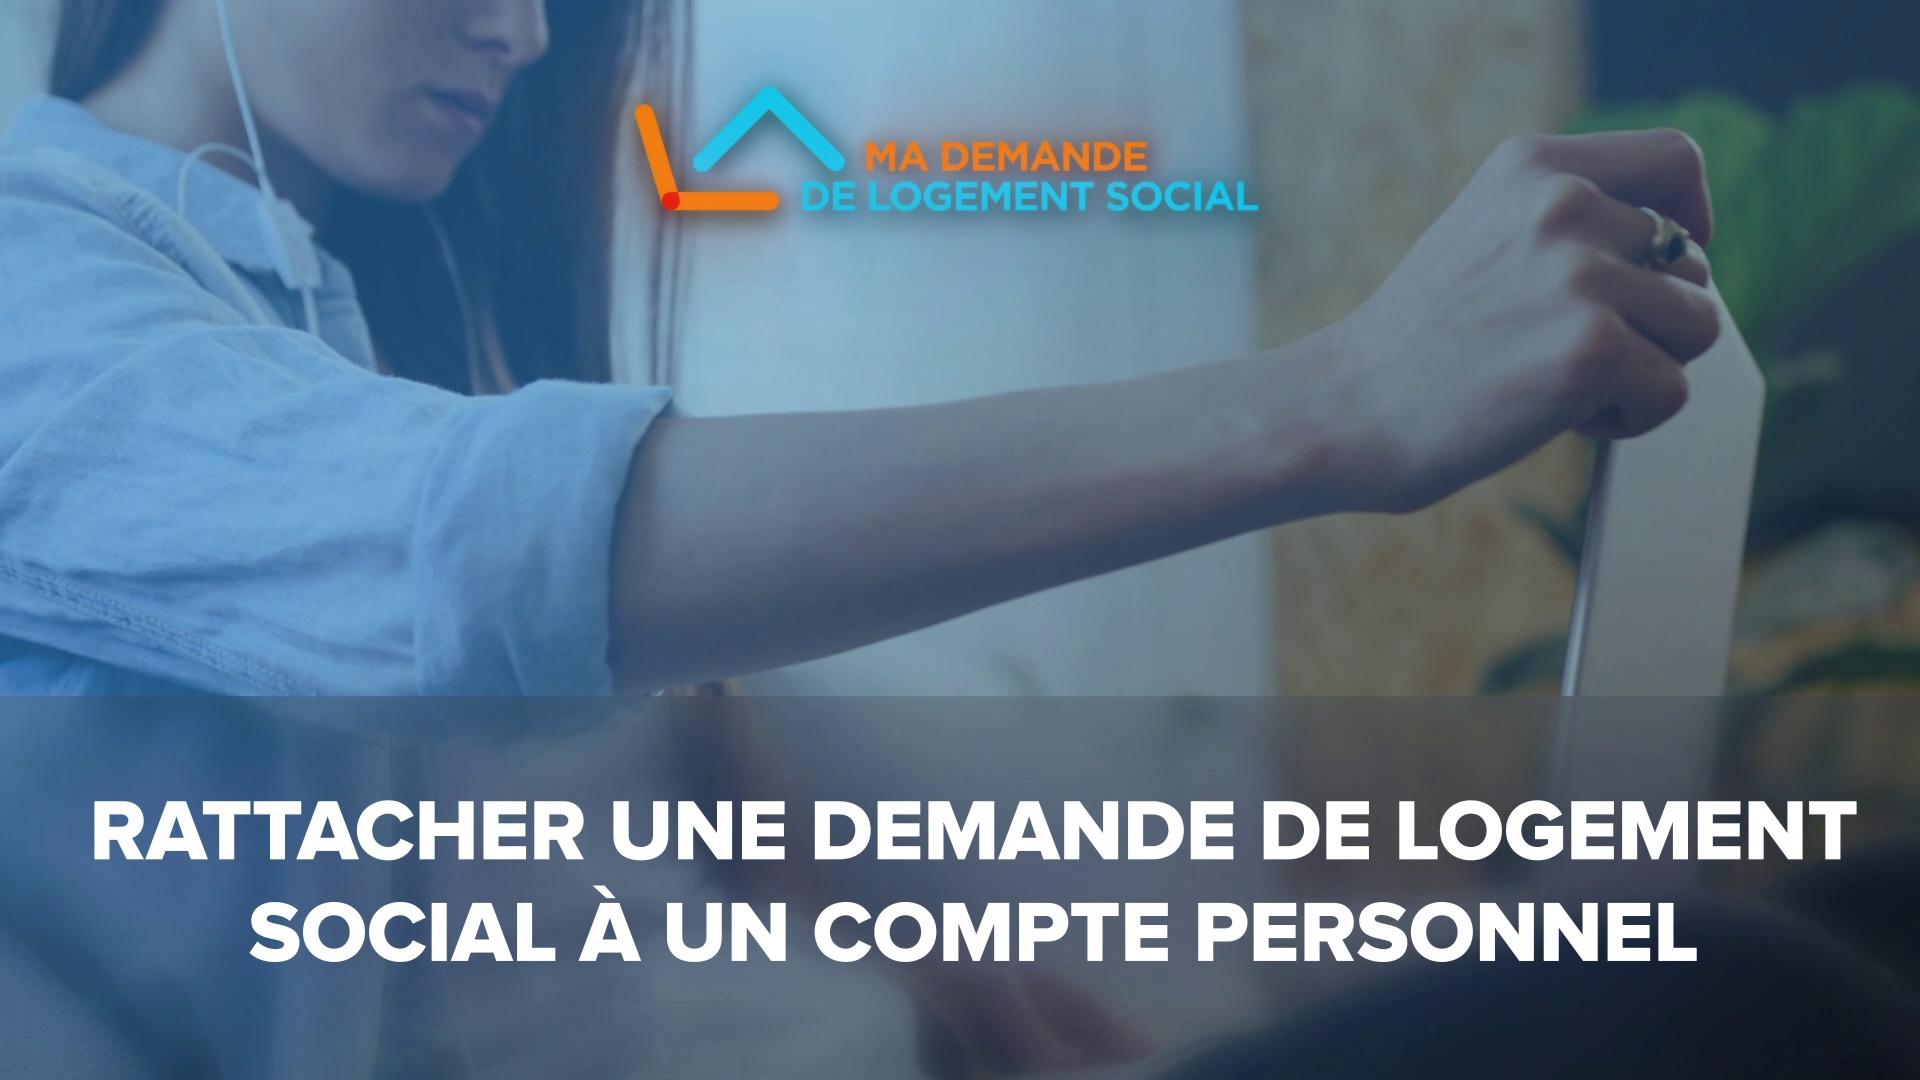 Dailymotion Video: [Tuto2] Rattacher une demande de logement social à un compte personnel sur www.demande-logement-social.gouv.fr